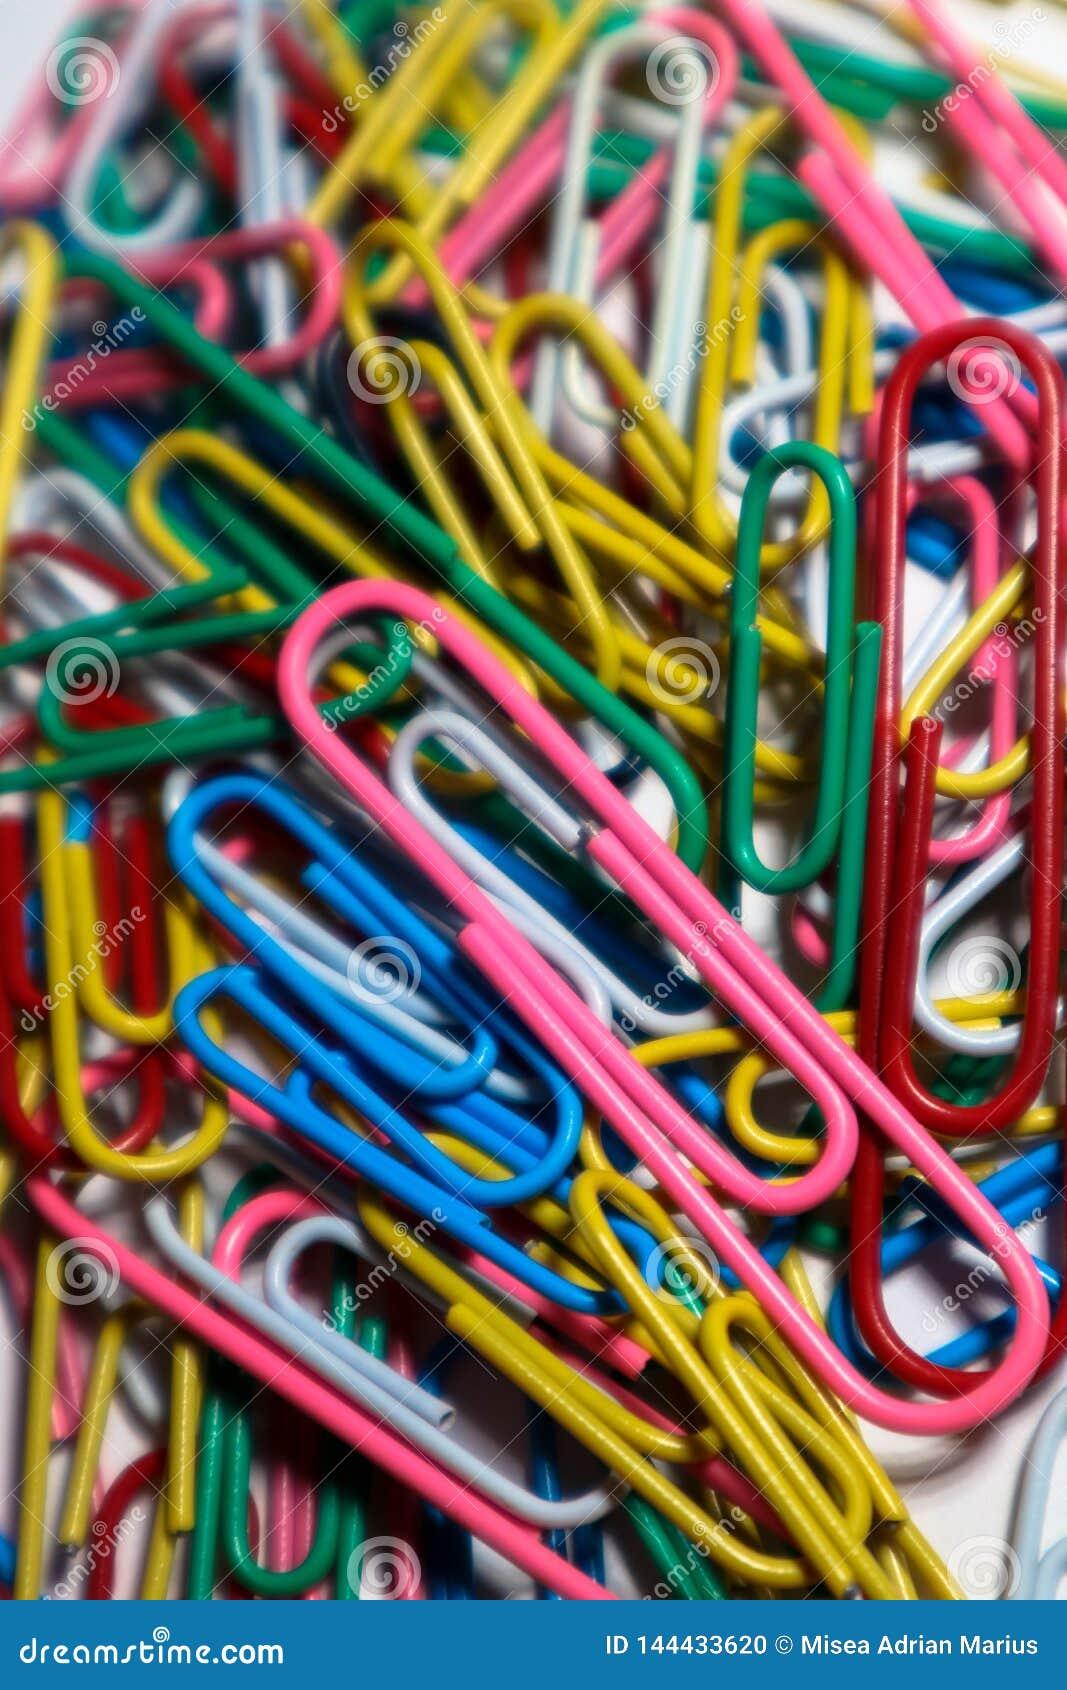 Trombones colorés empilés ensemble créant l image chaude